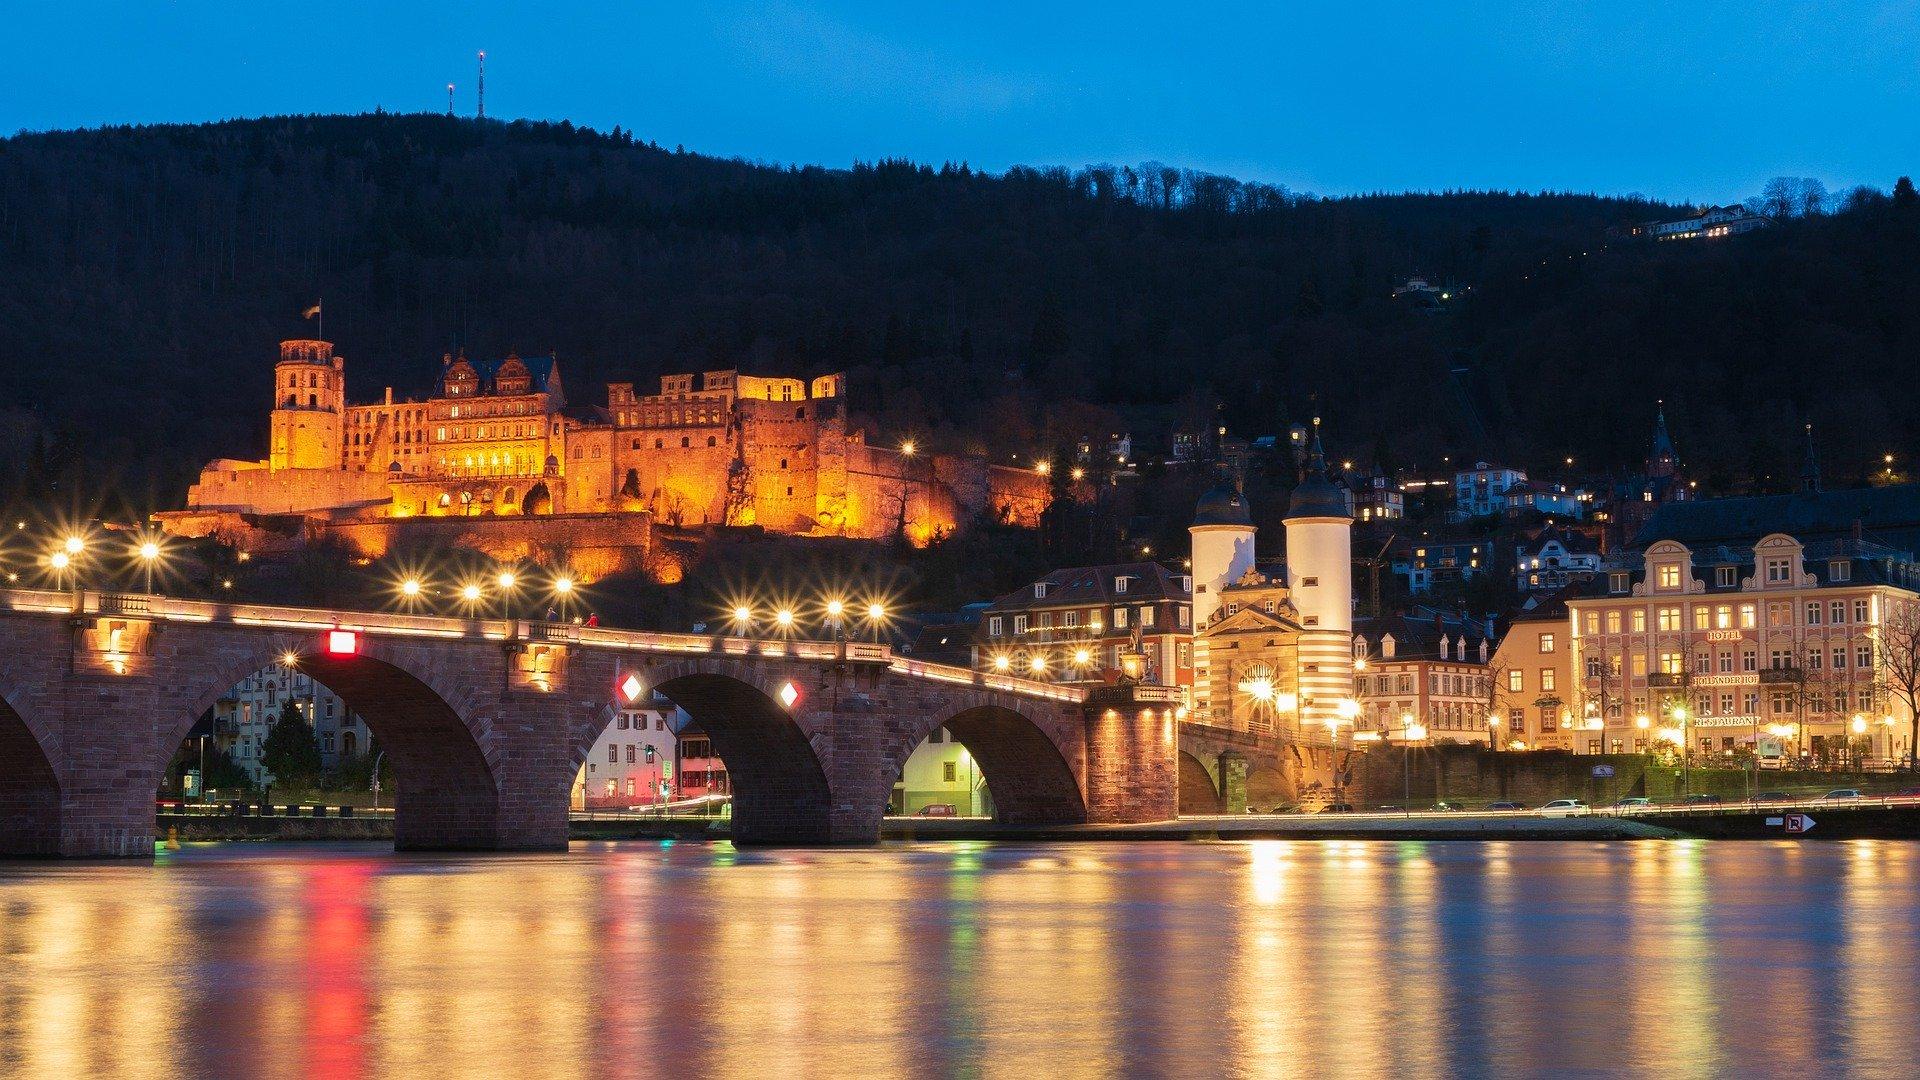 malerischer Blick auf Altstadt von Heidelberg am Abend